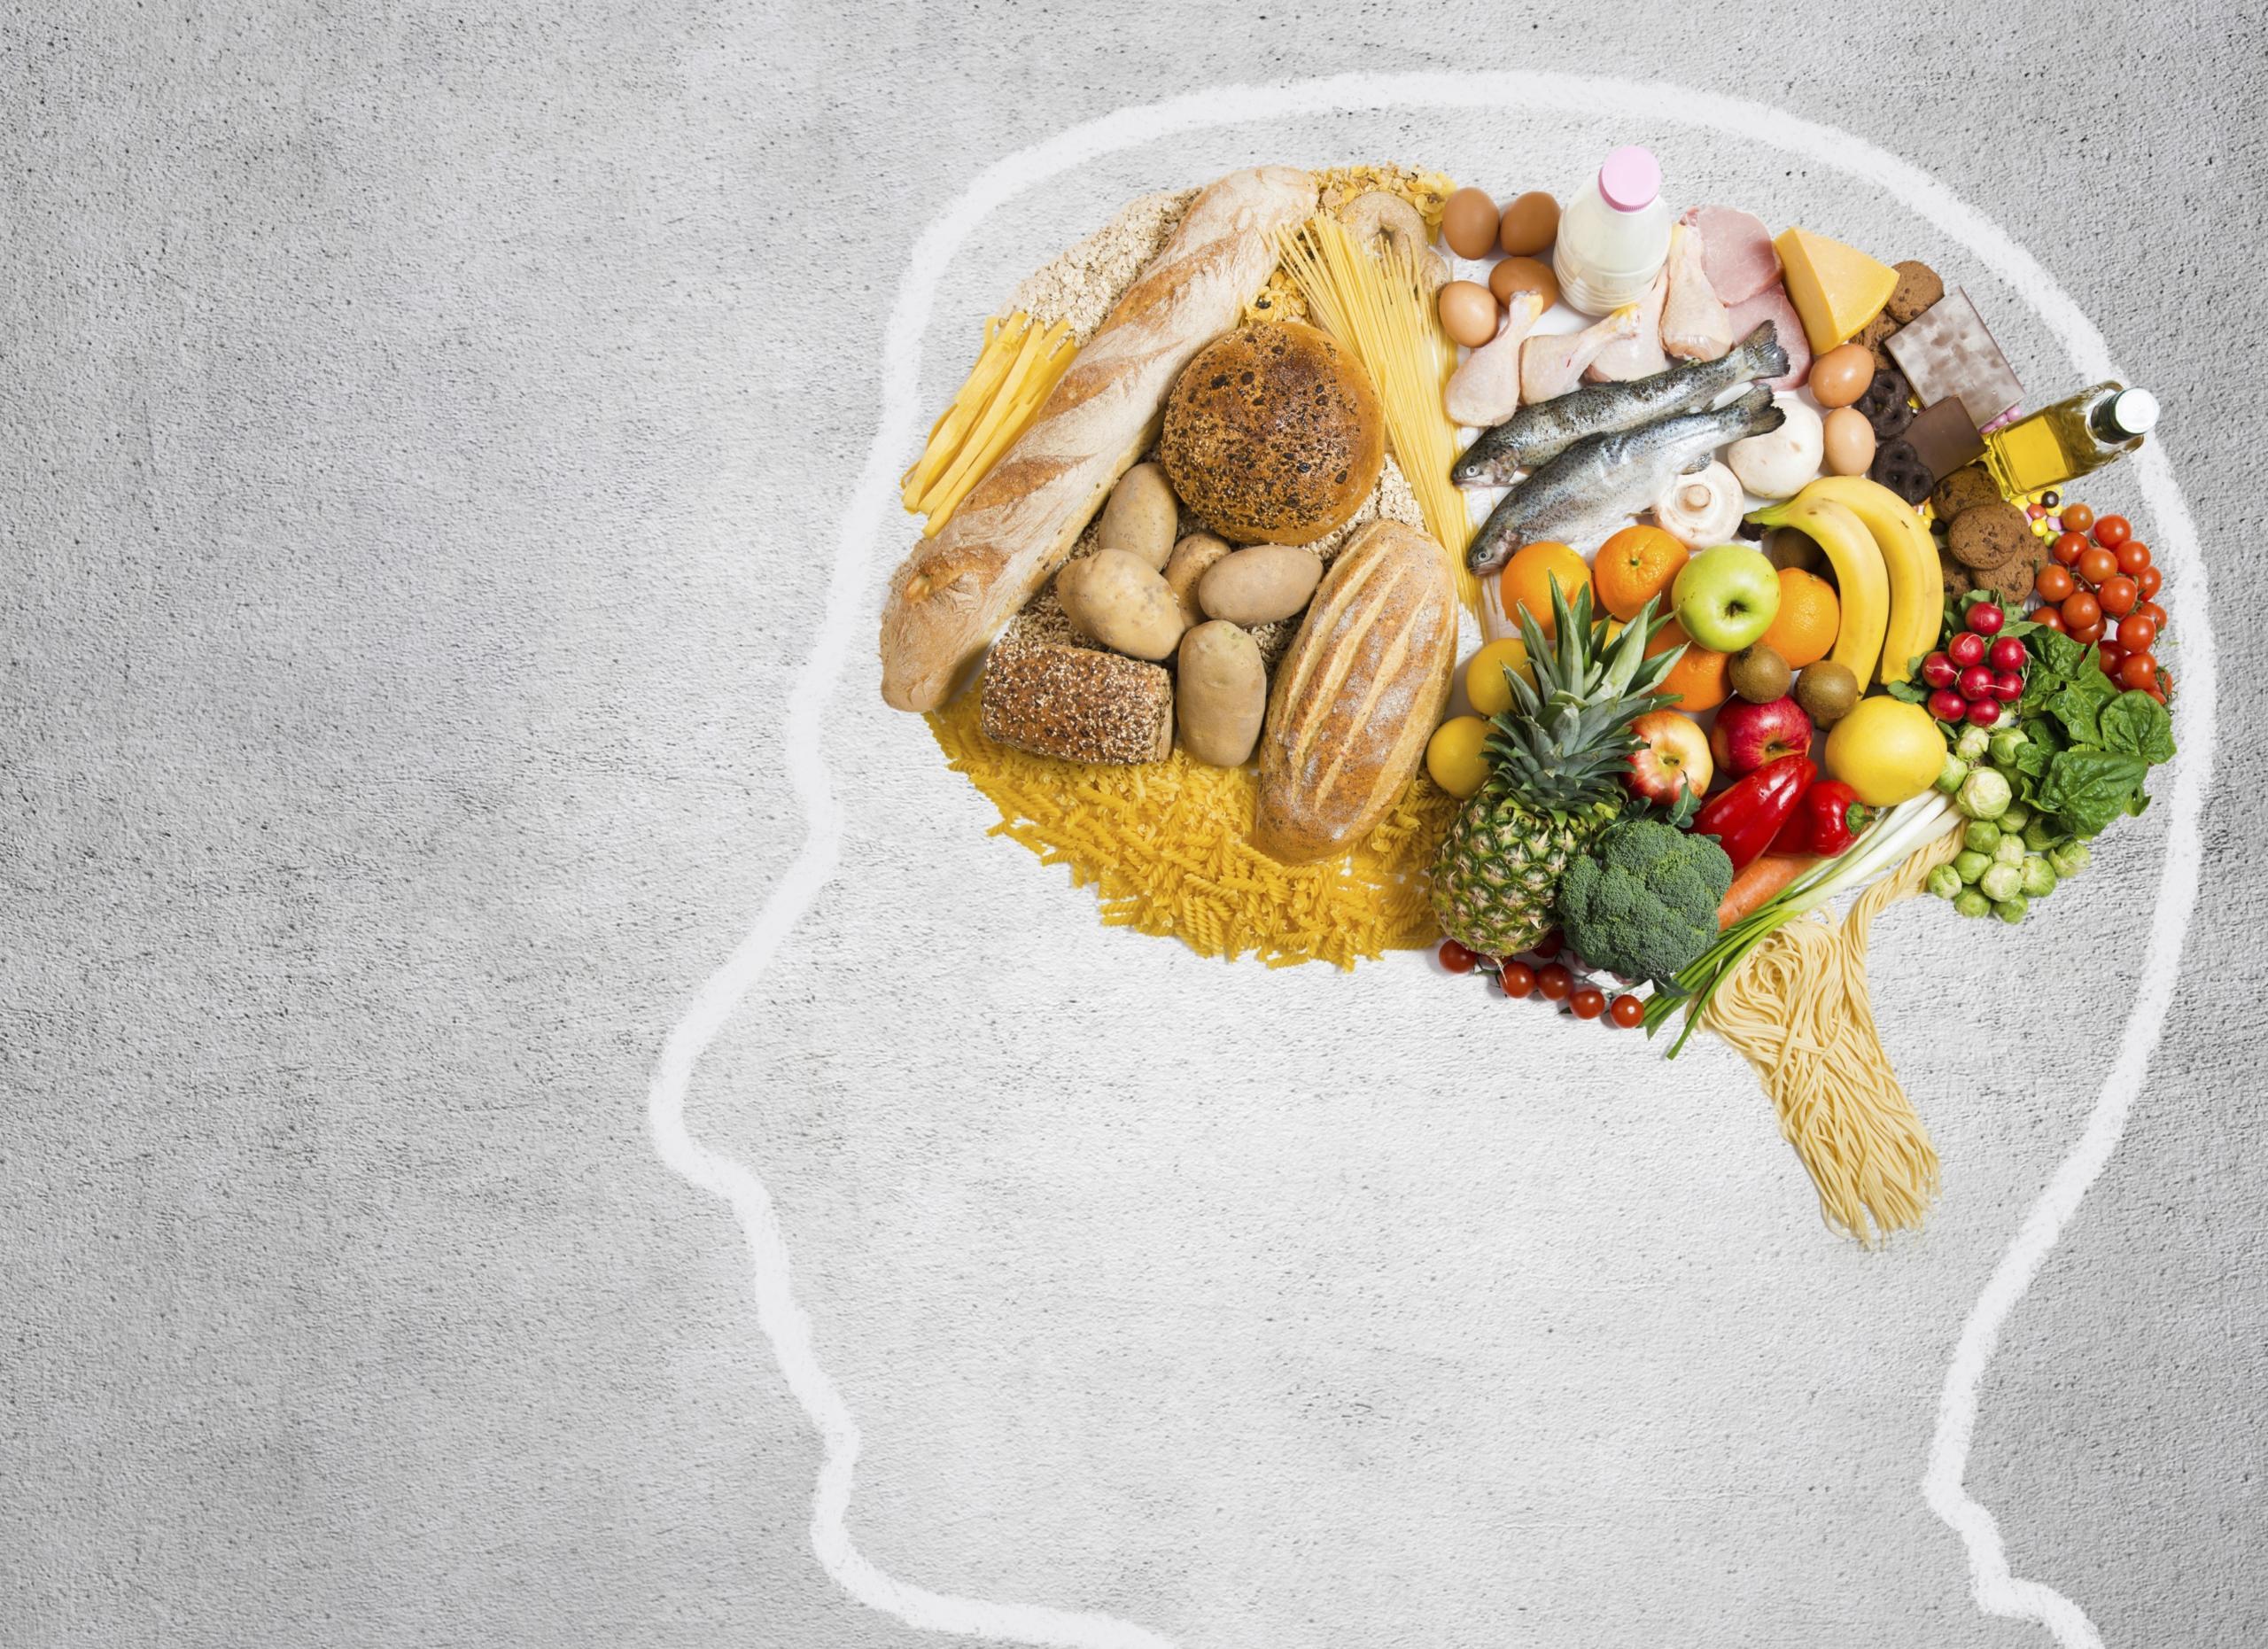 Hafızayı güçlendiren besinler nelerdir?